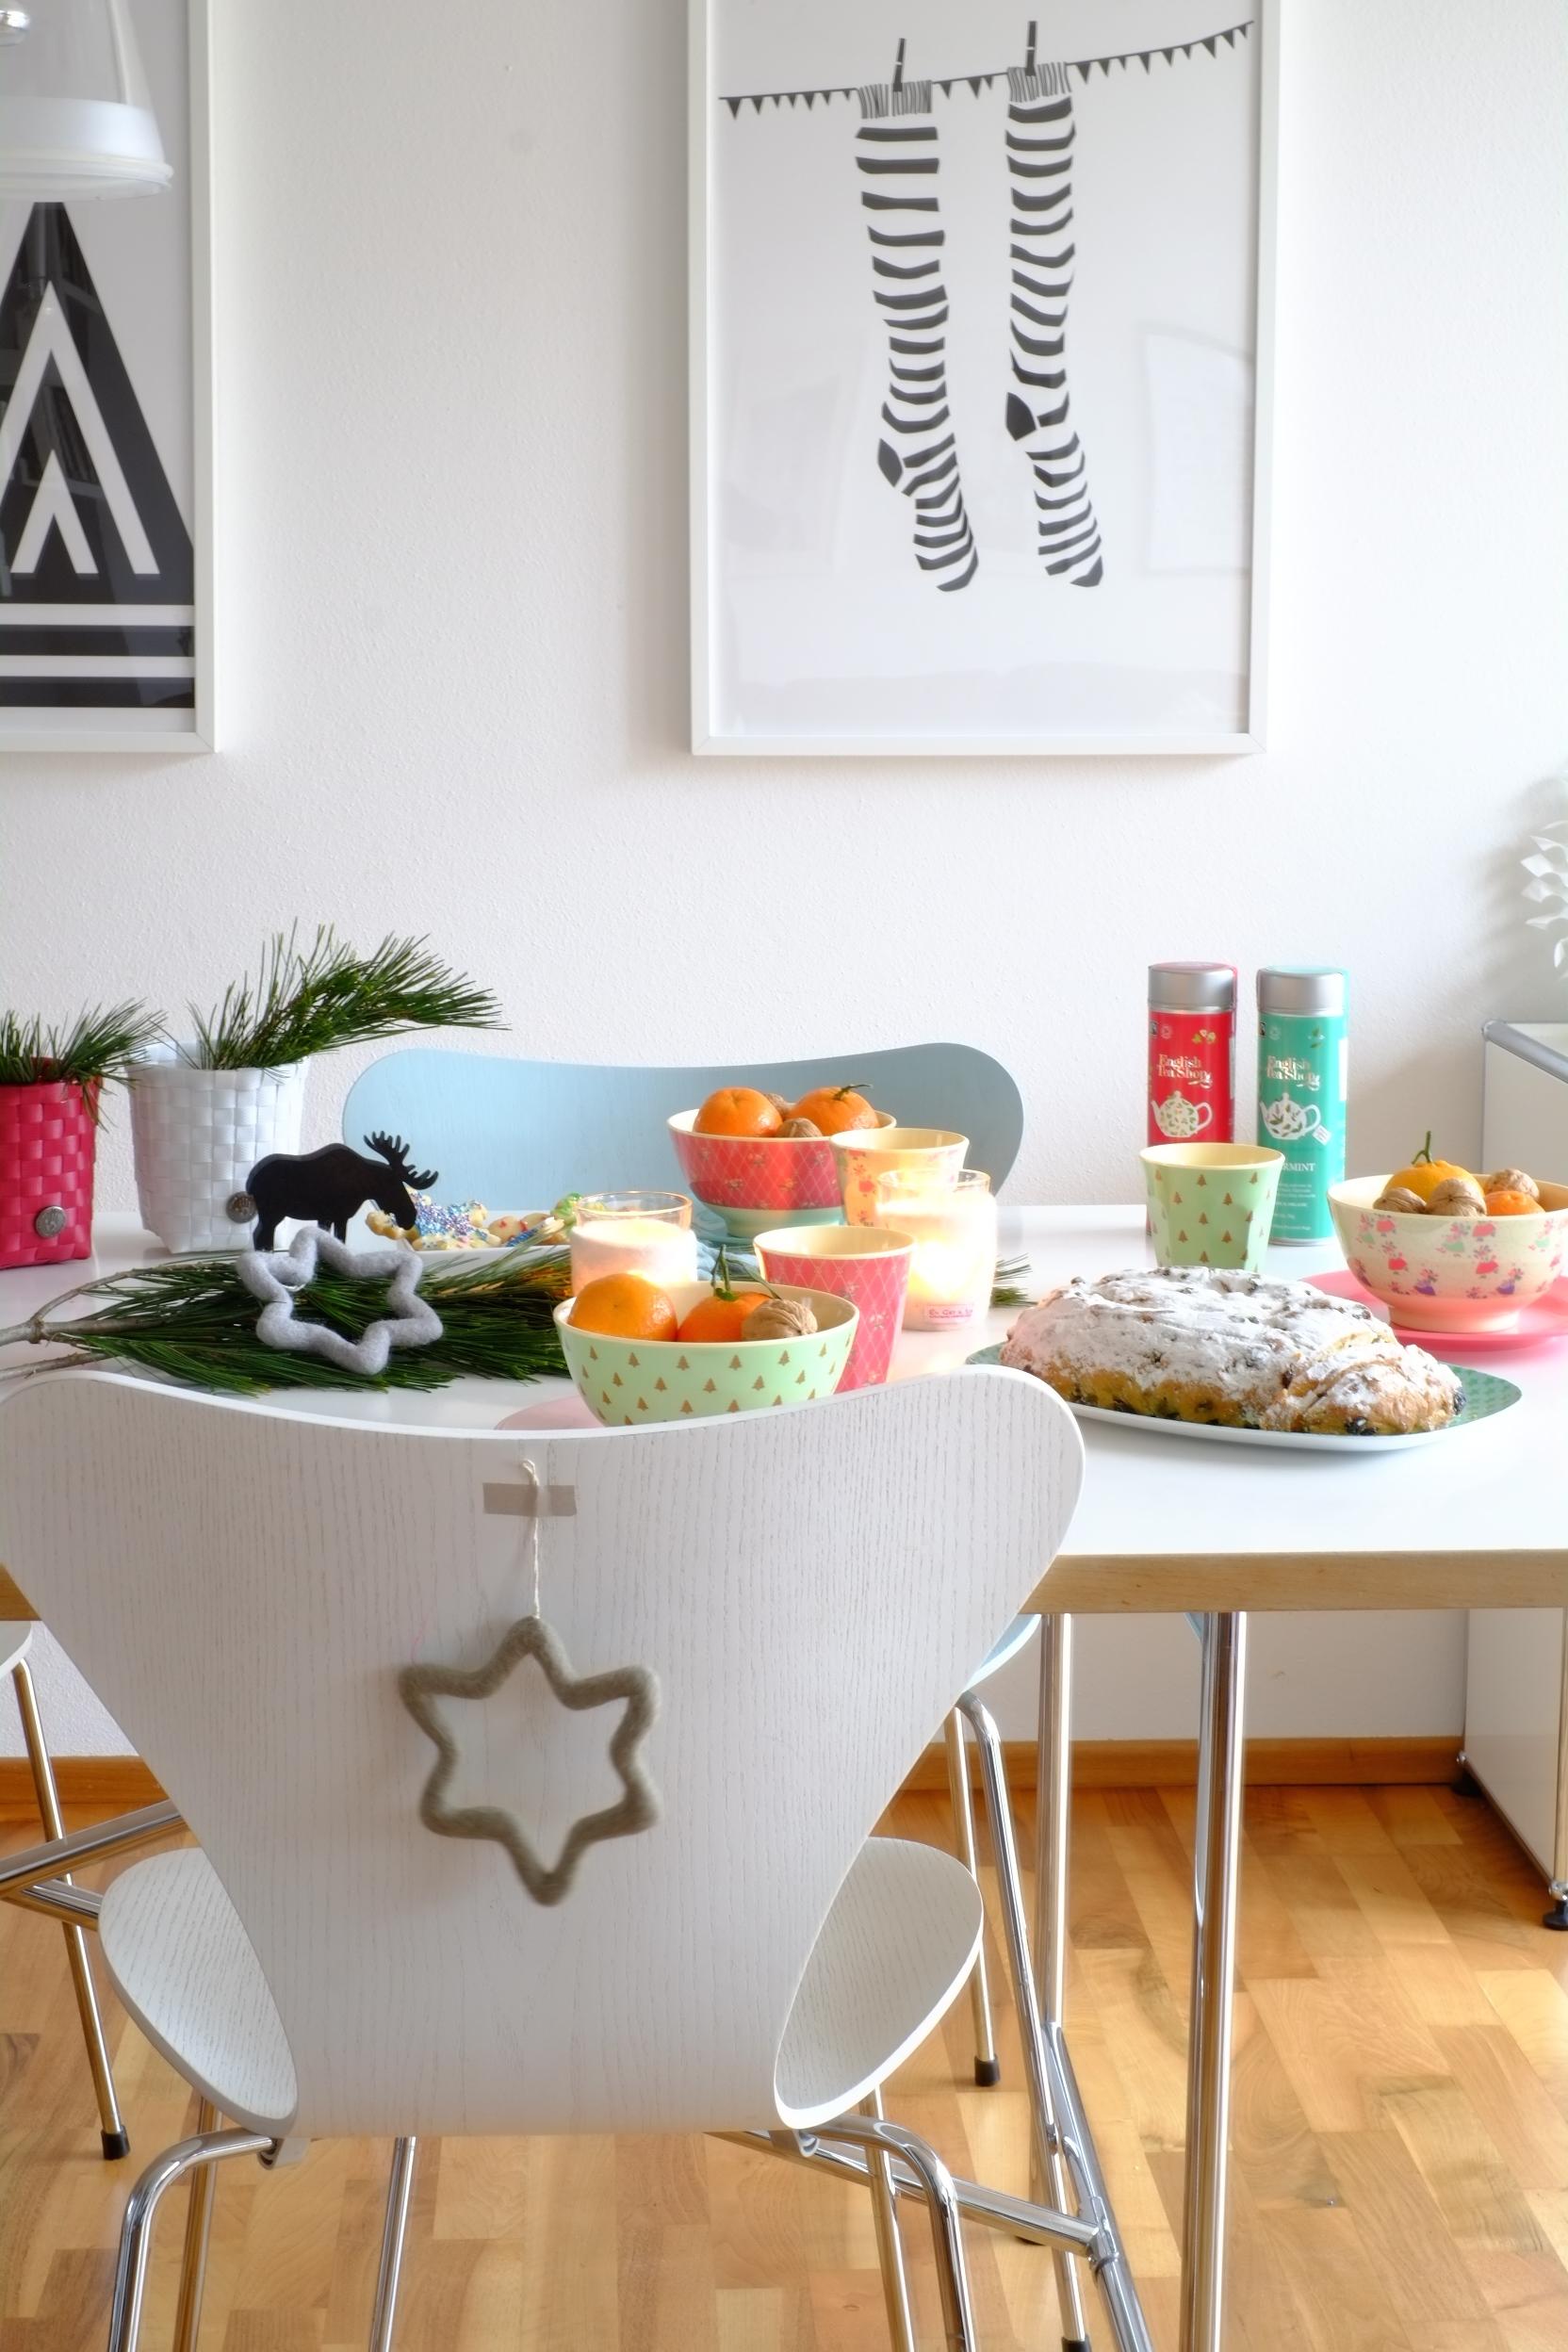 Tischdekoration Weihnachten tischdekoration weihnachten herr und frau krauss shop und